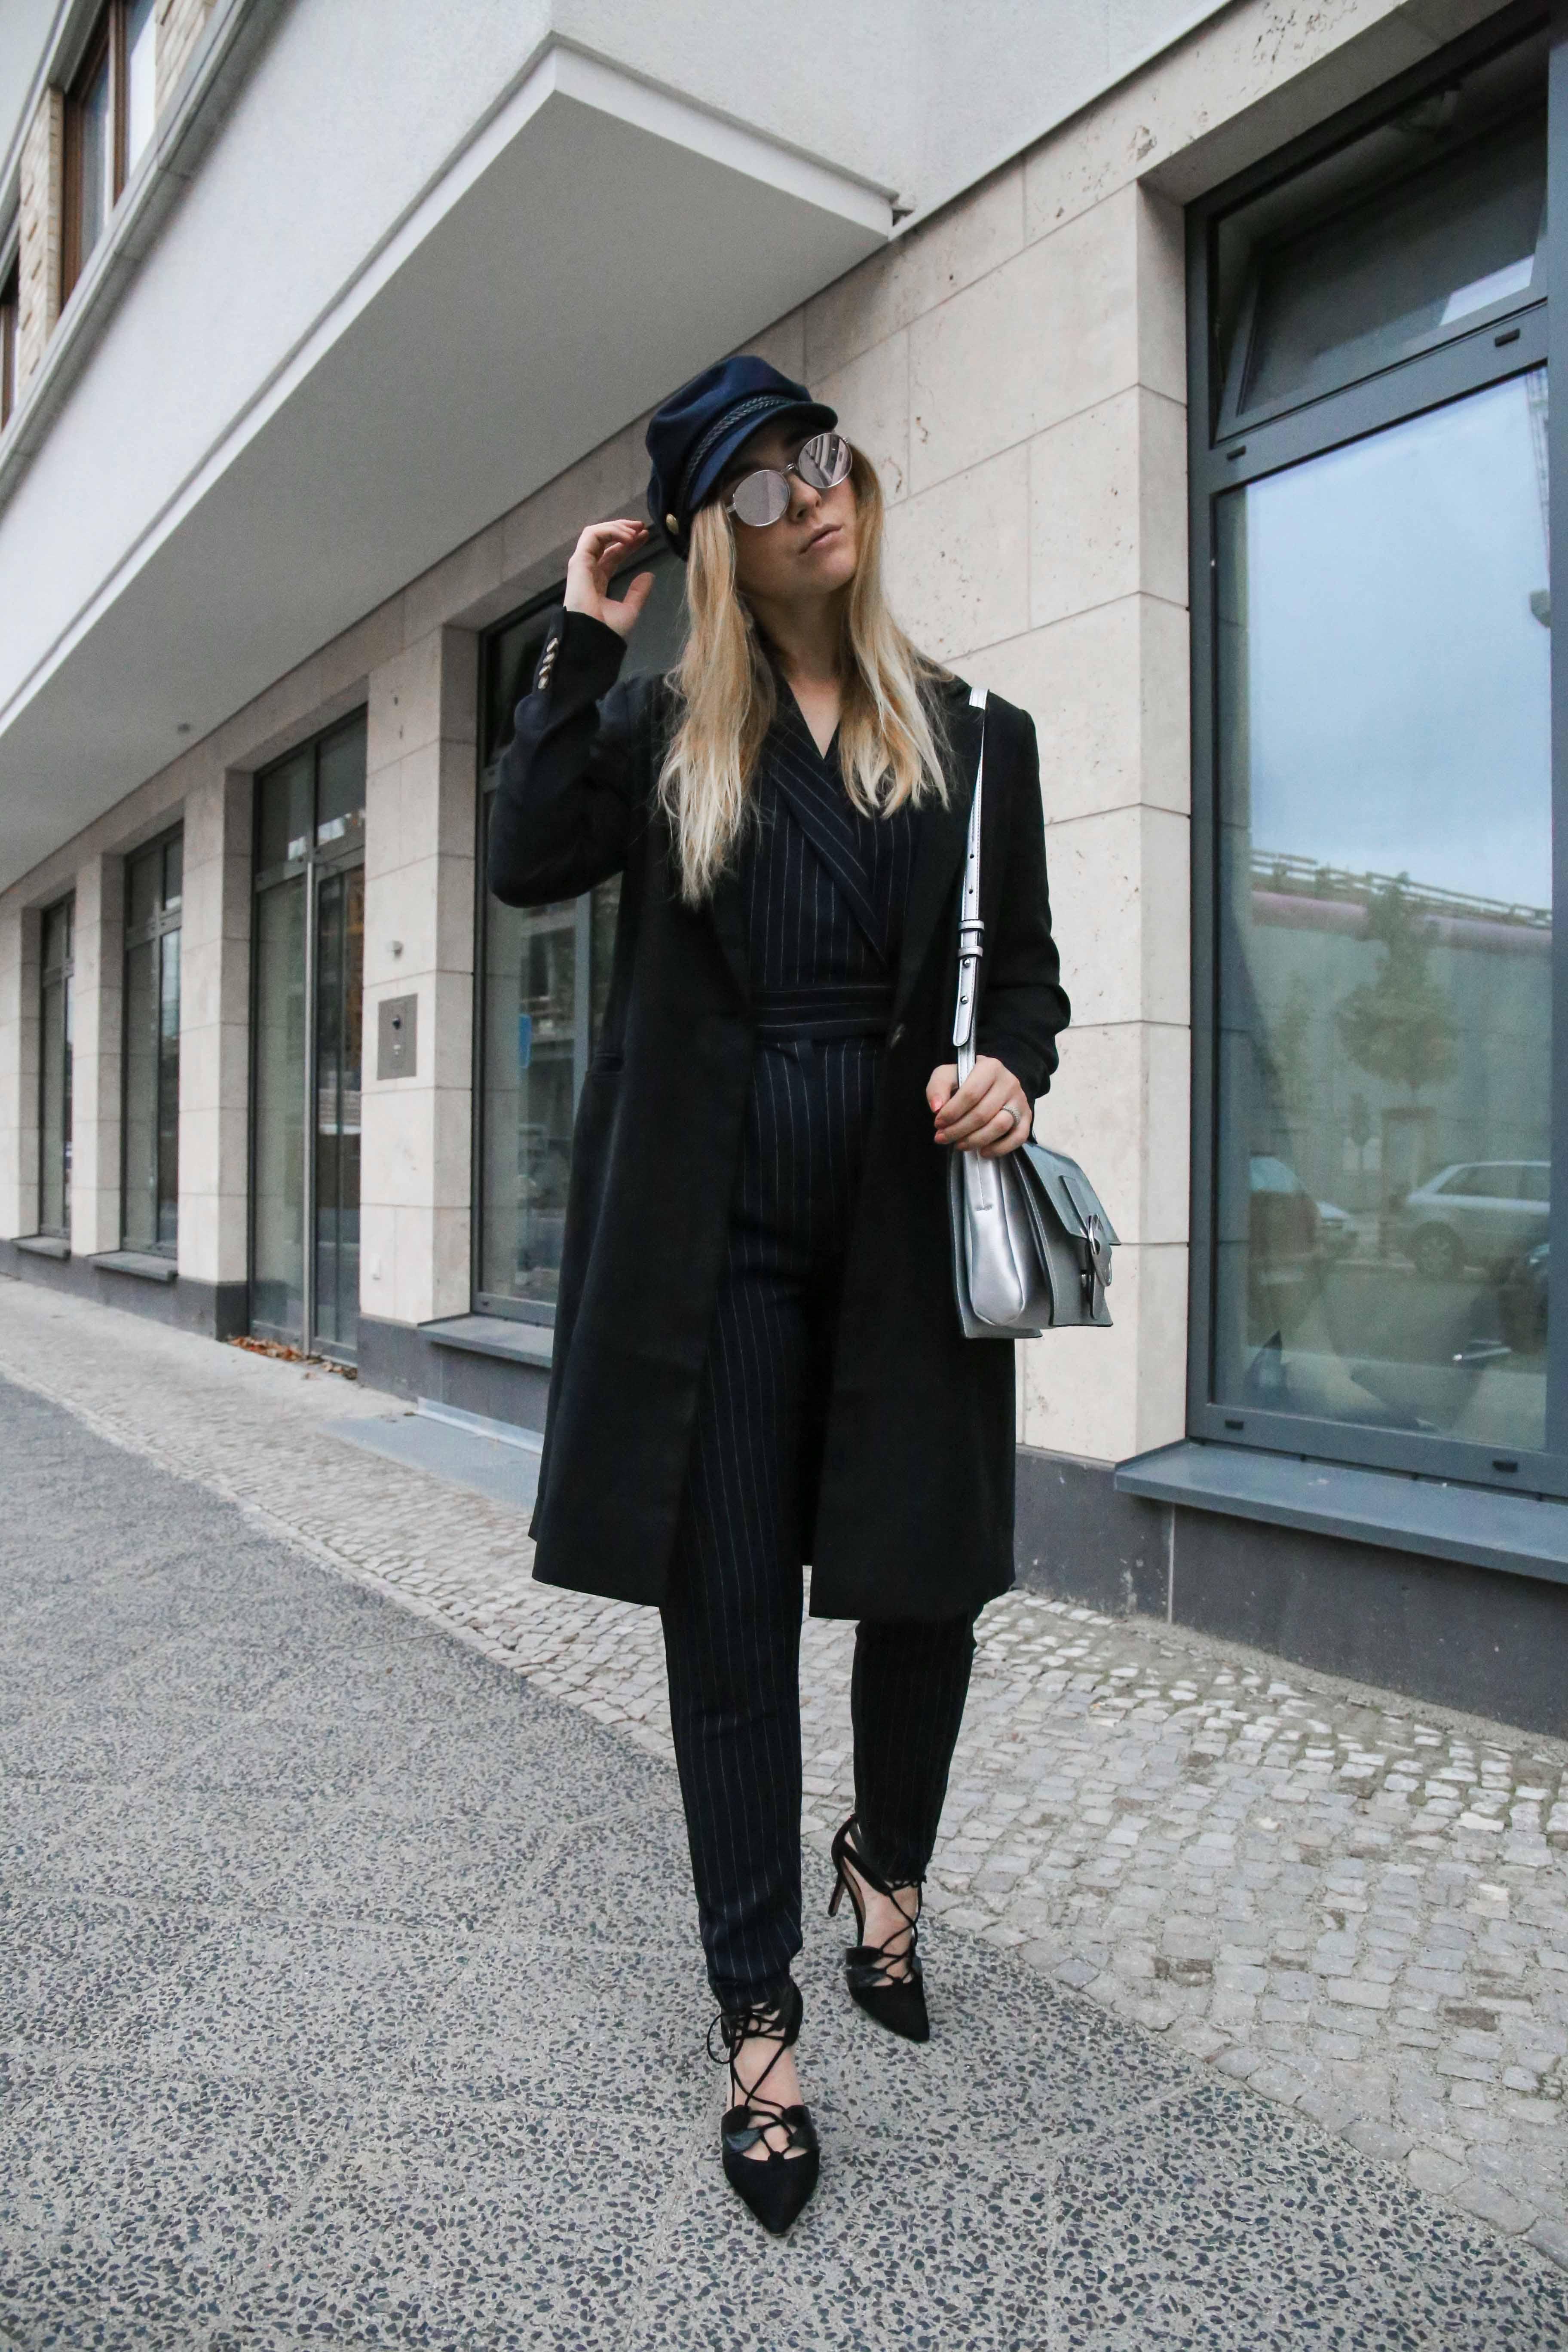 baskenmütze-overall-silber-umhängetasche-jumpsuit-outfit-blogger-berlin_1887